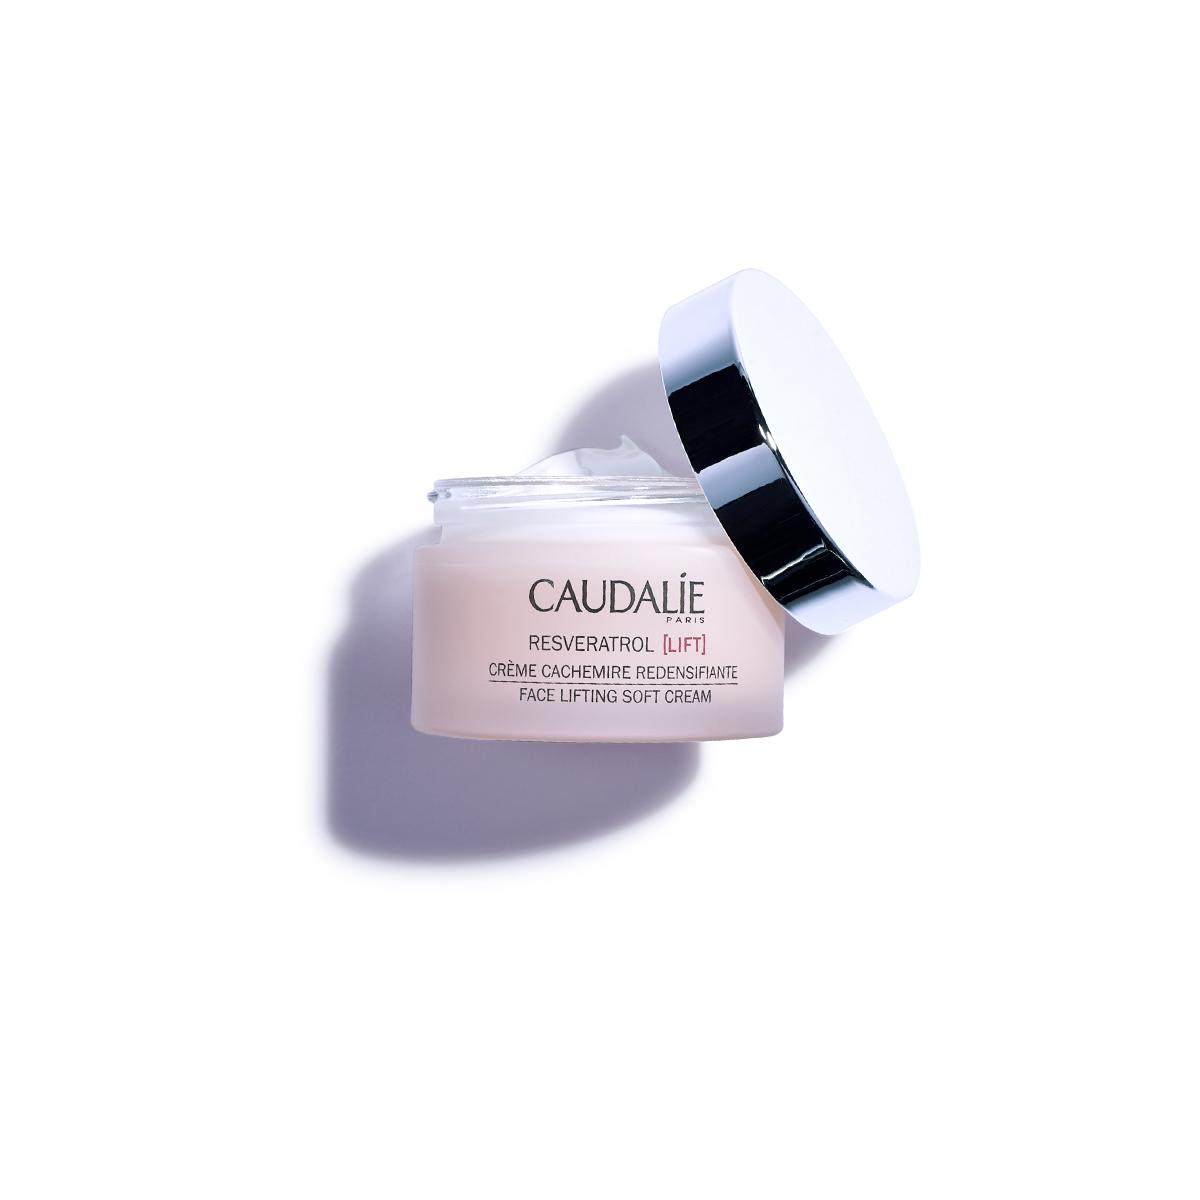 Crème Cachemire Redensifiante 50mL